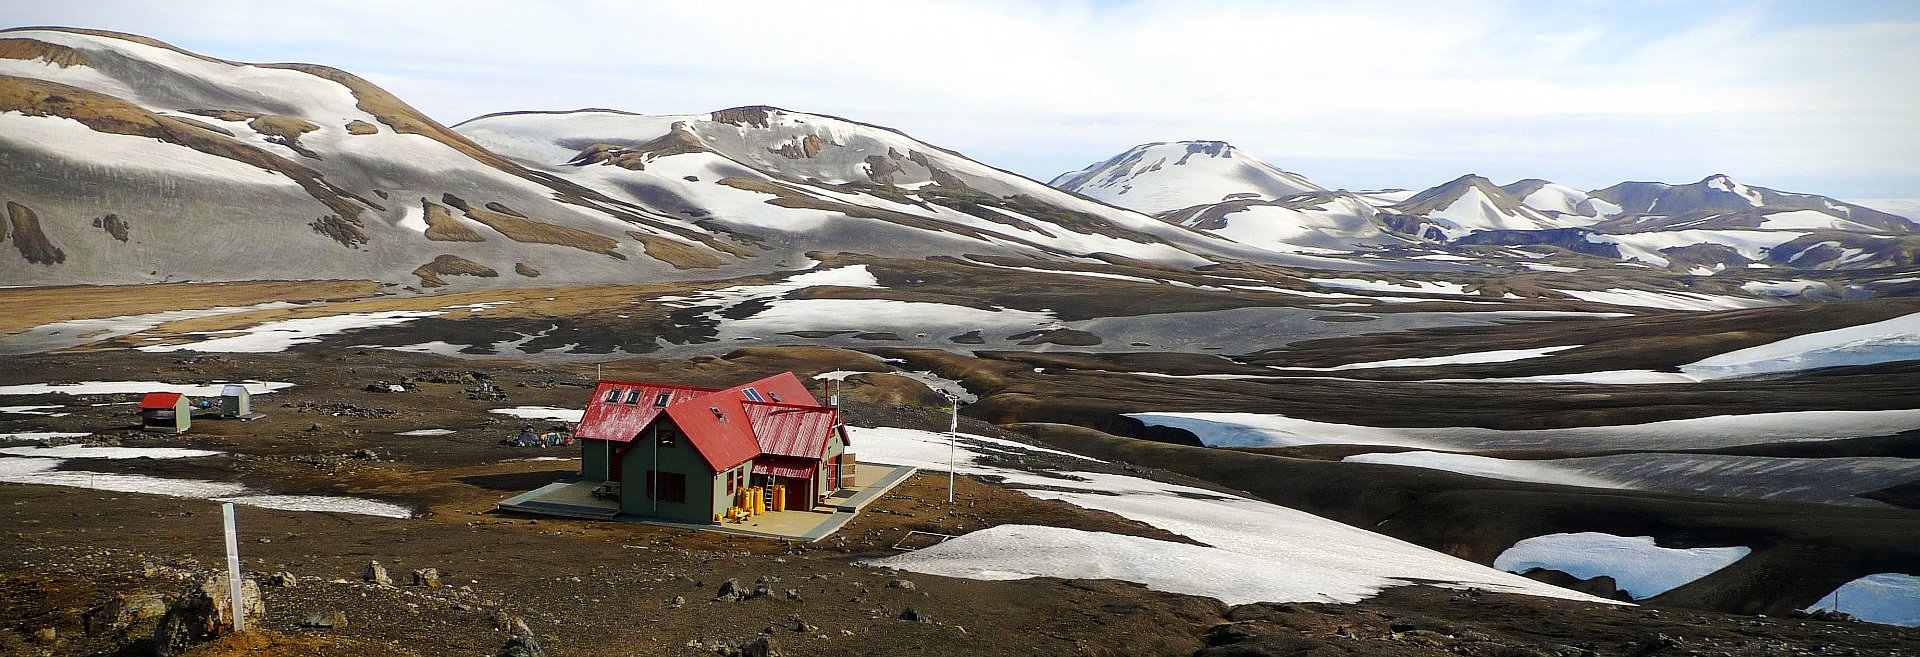 Les refuges (et quelques campings) autour de Fjallabak et du Laugavegur feature image